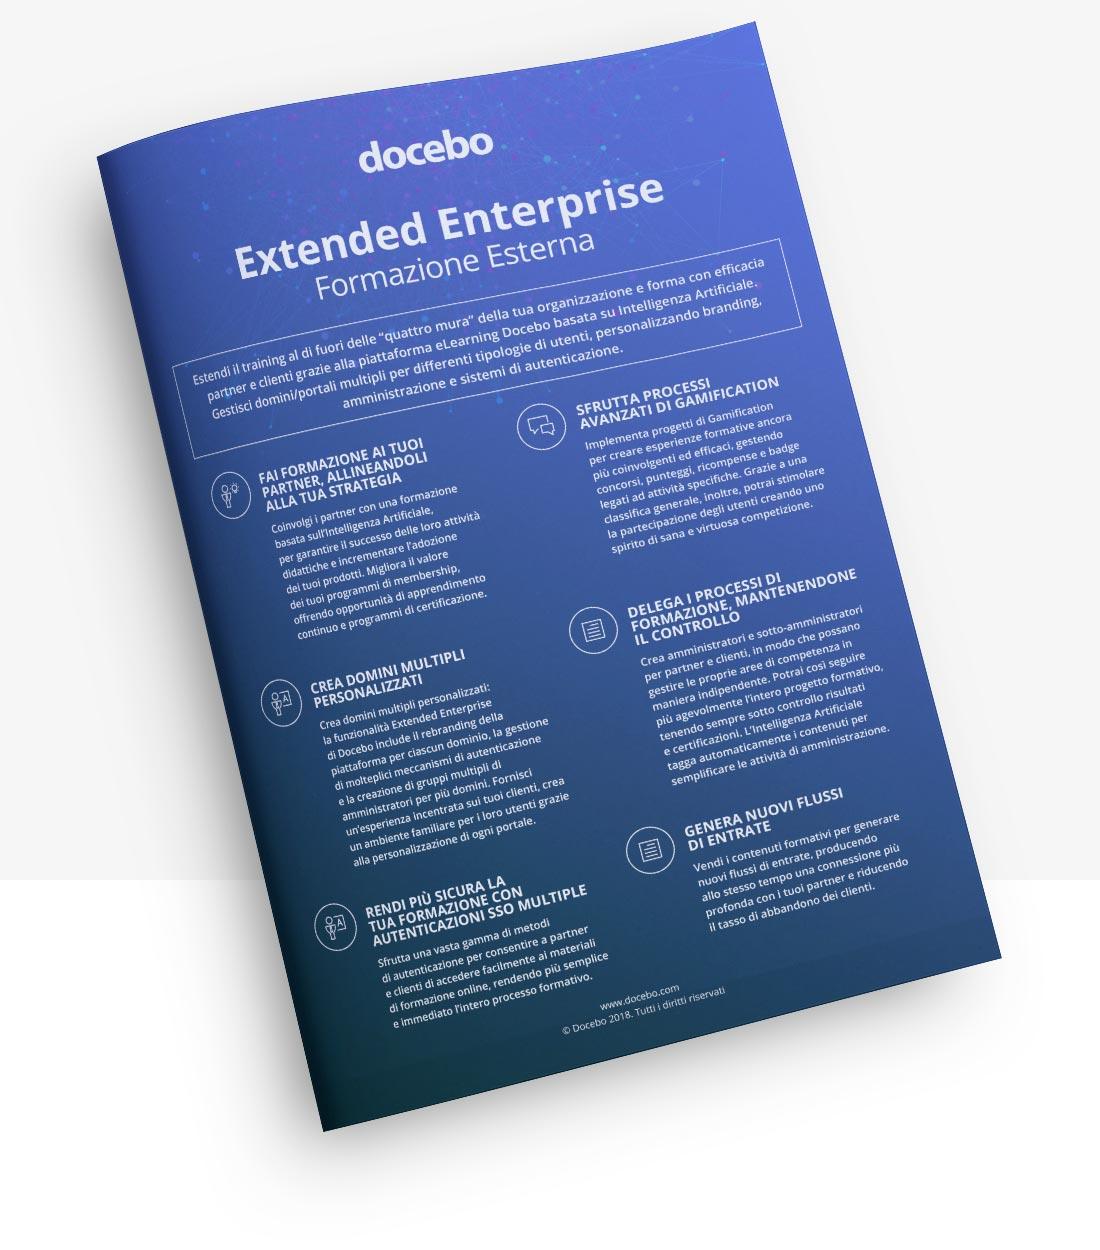 Docebo Extended Enterprise